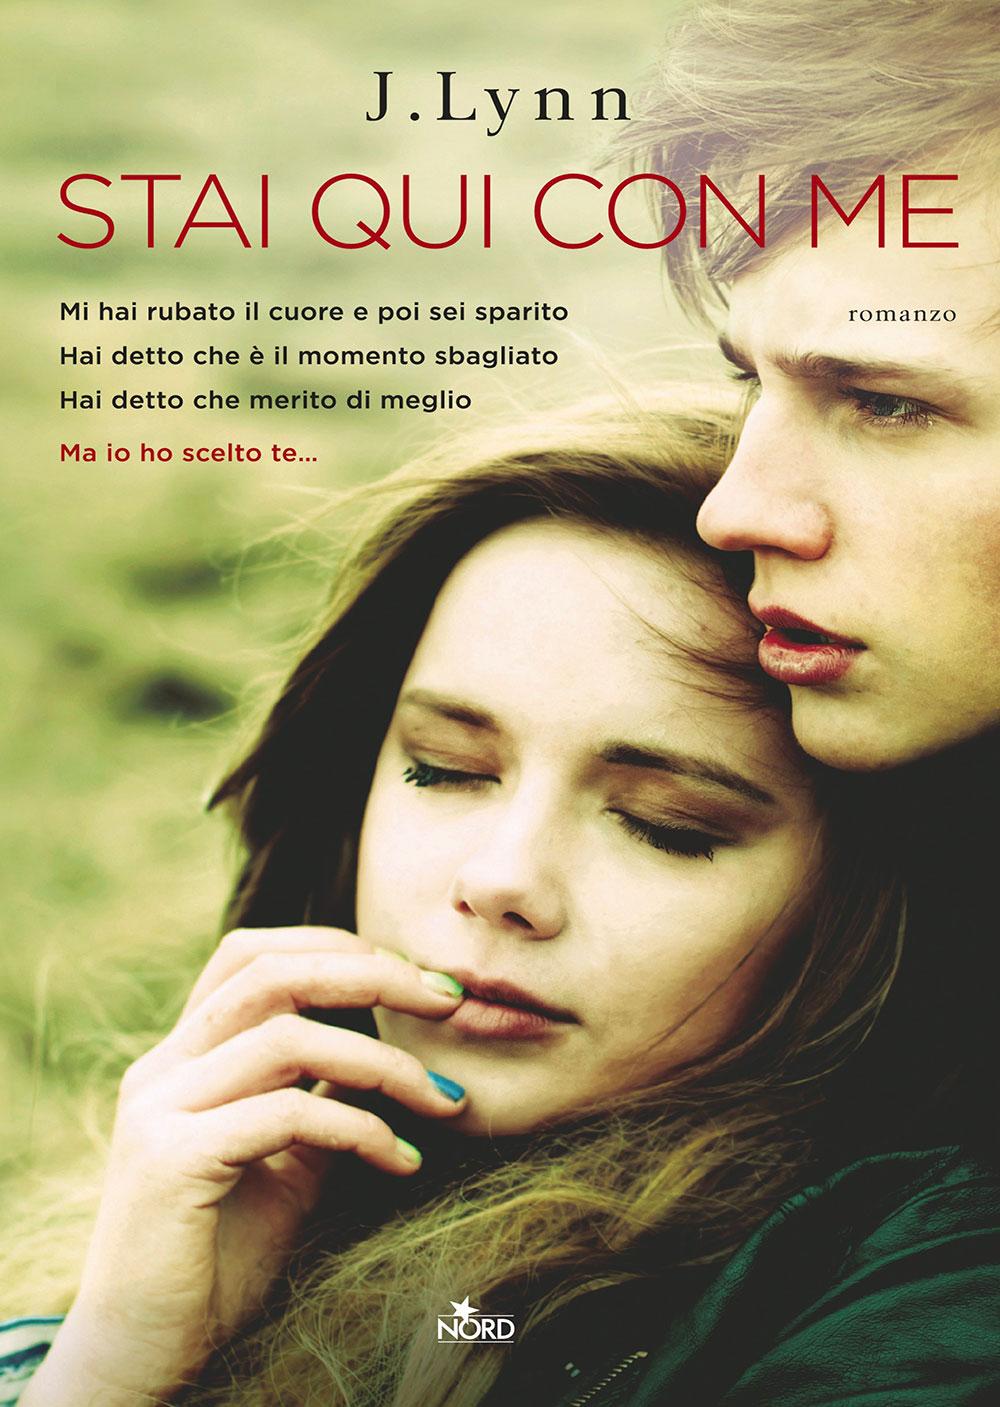 Stai qui con me